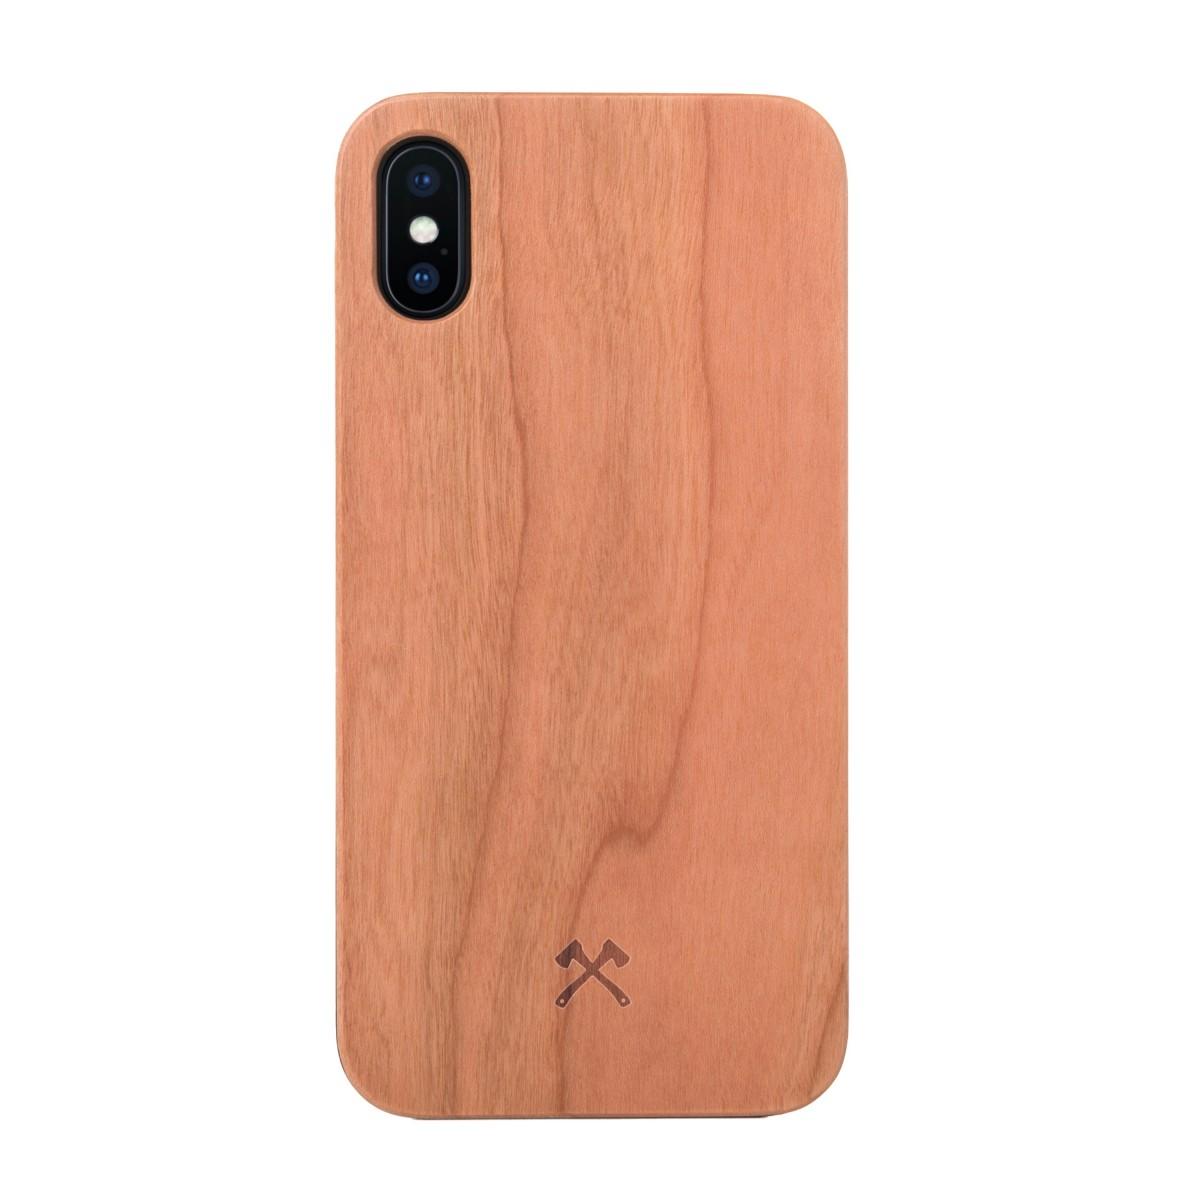 Woodcessories - EcoCase Classic - Premium Design Case, Cover, Hülle für das iPhone aus FSC zert. Holz (iPhone Xs Max, Walnuss, Kirsche, Bambus / schwarz)